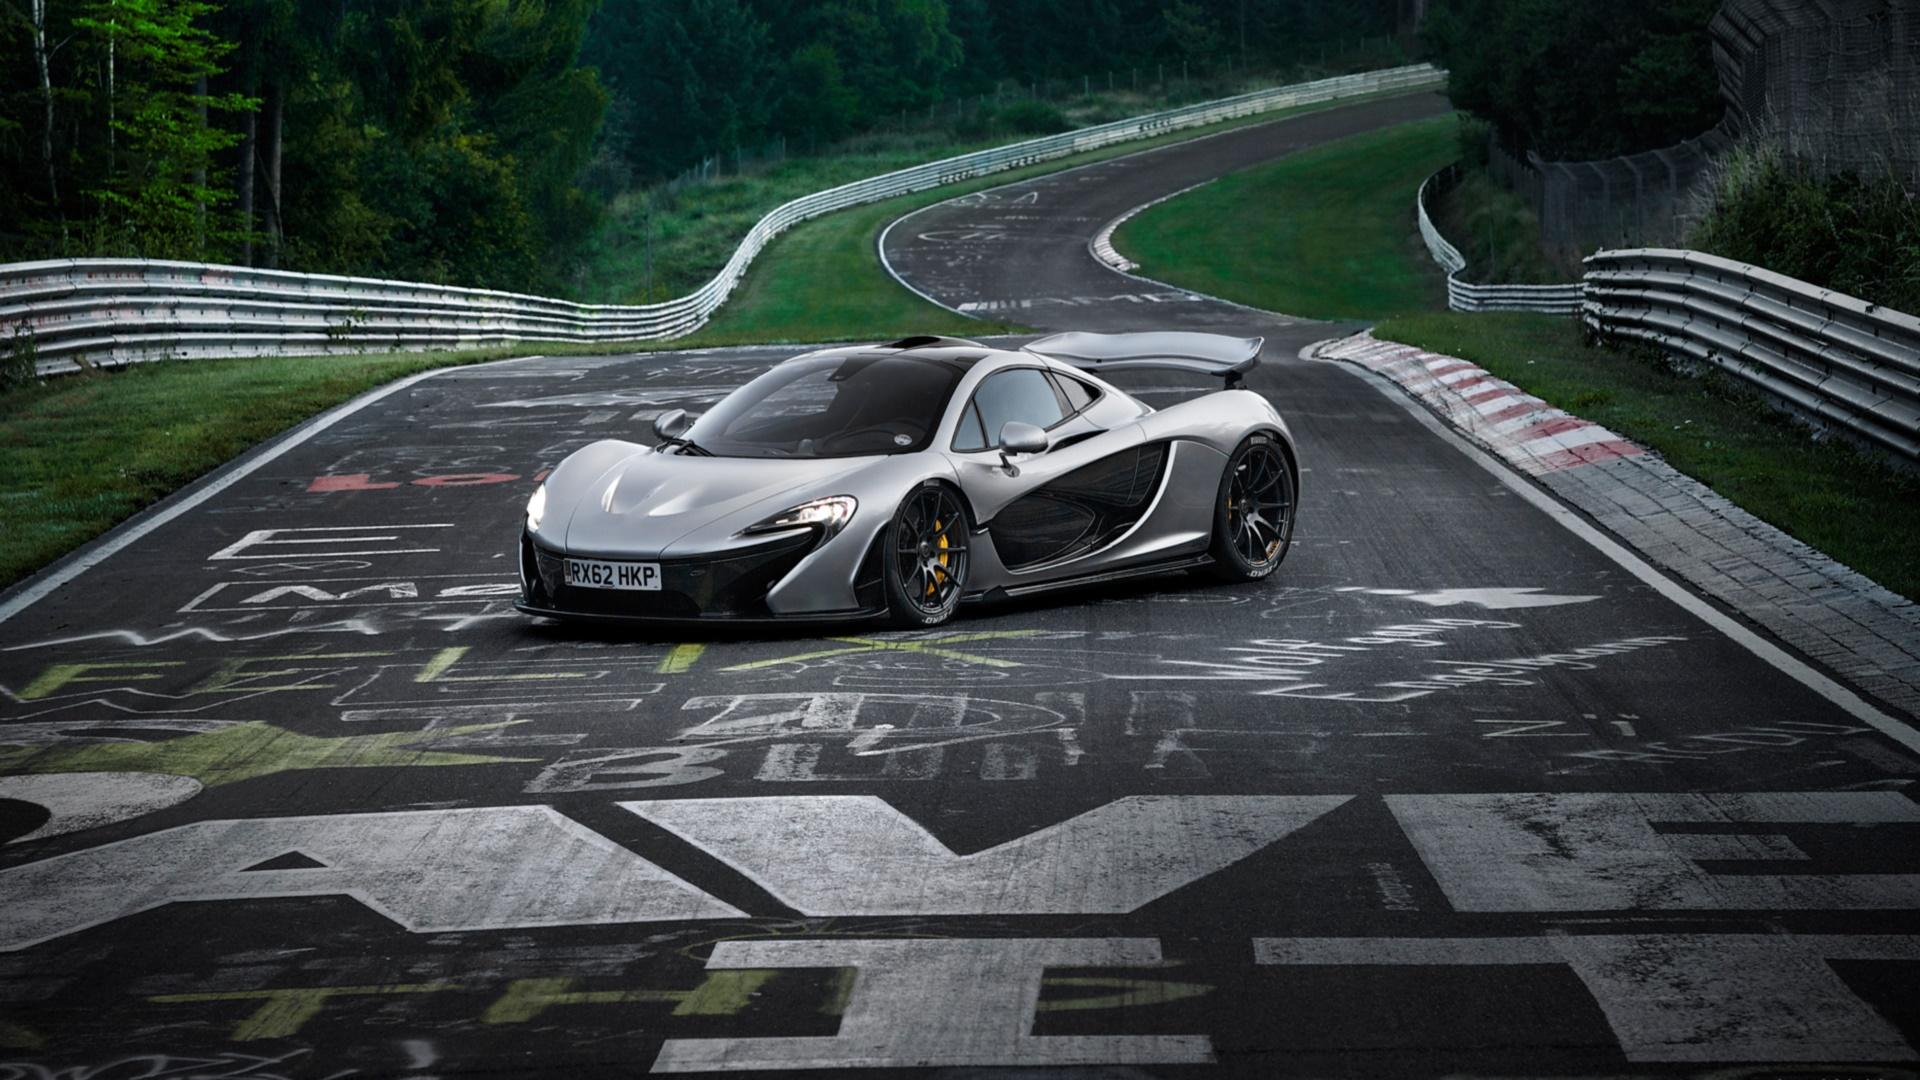 McLaren P1 Wallpapers